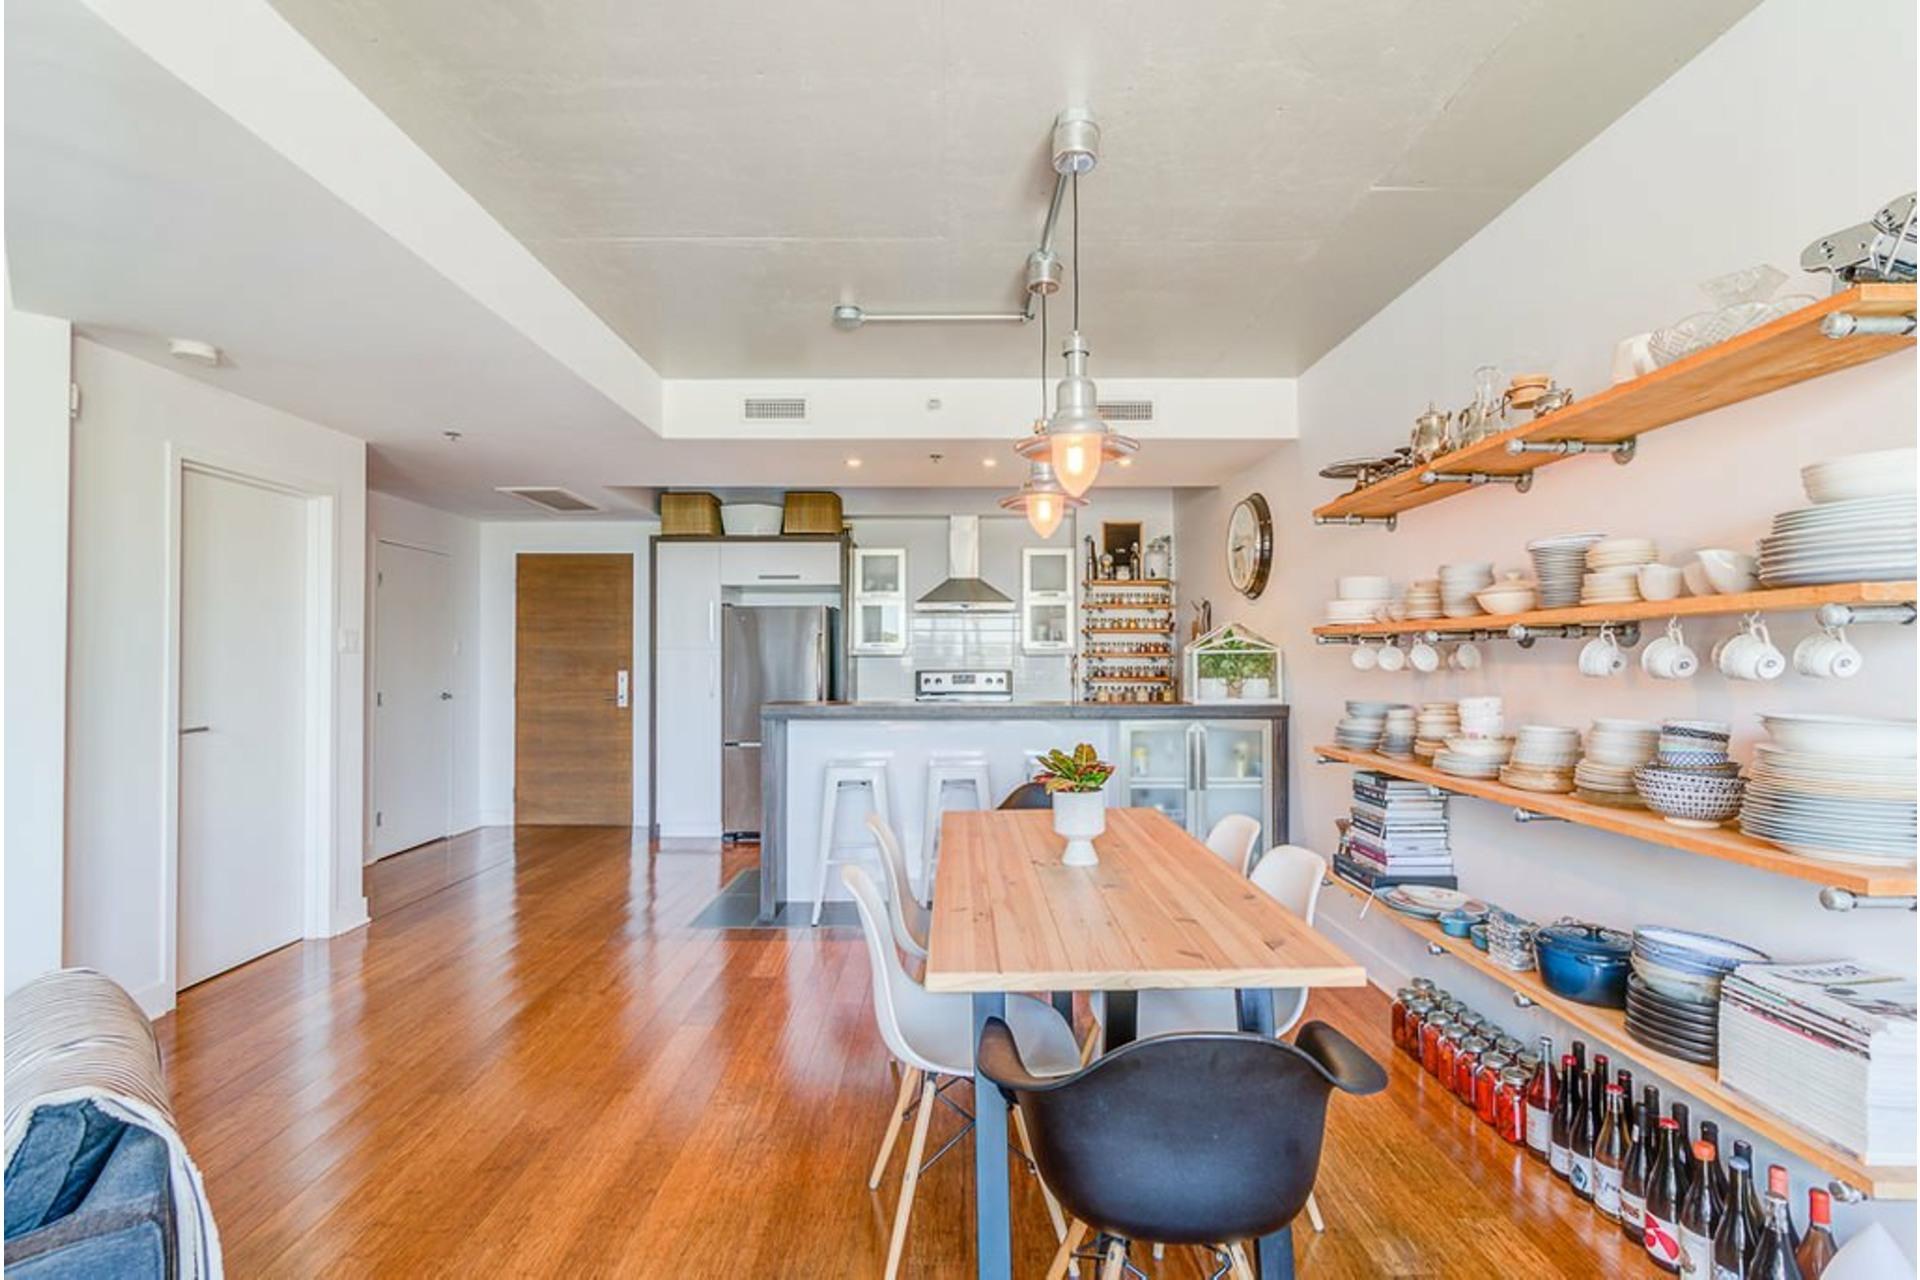 image 6 - Apartment For sale Villeray/Saint-Michel/Parc-Extension Montréal  - 4 rooms